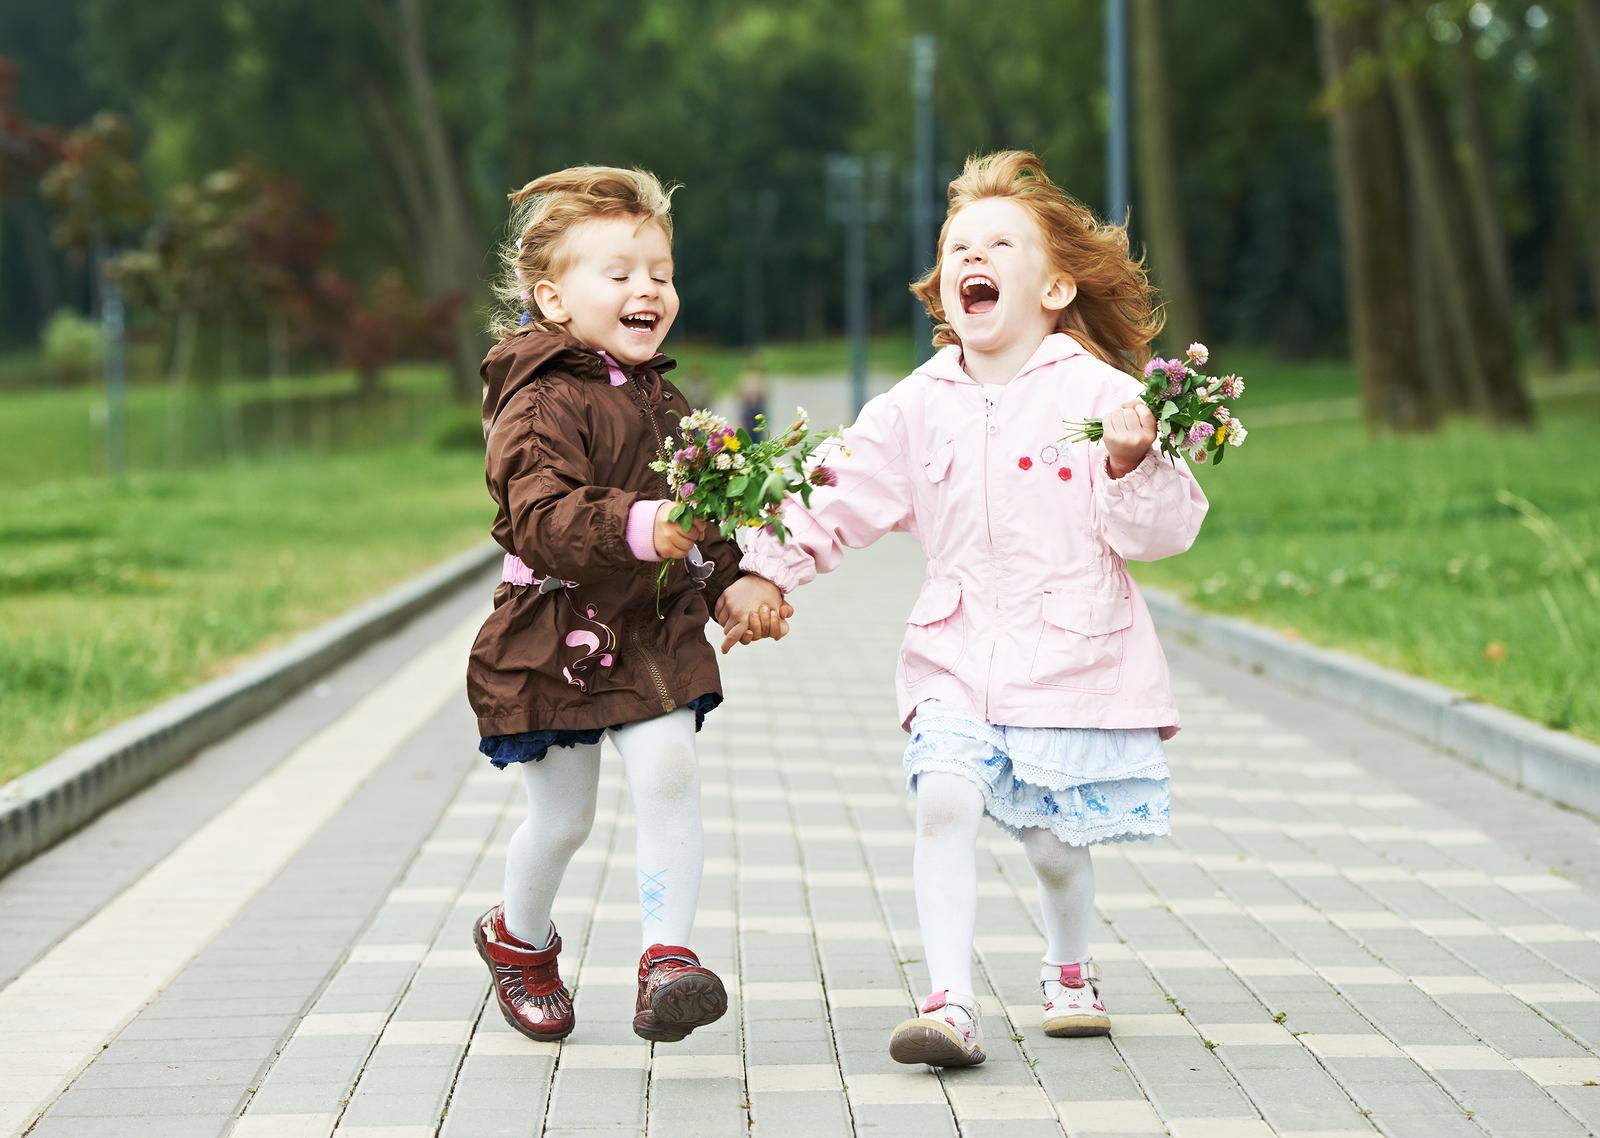 bigstock-two-happy-little-girls-kids-ha-